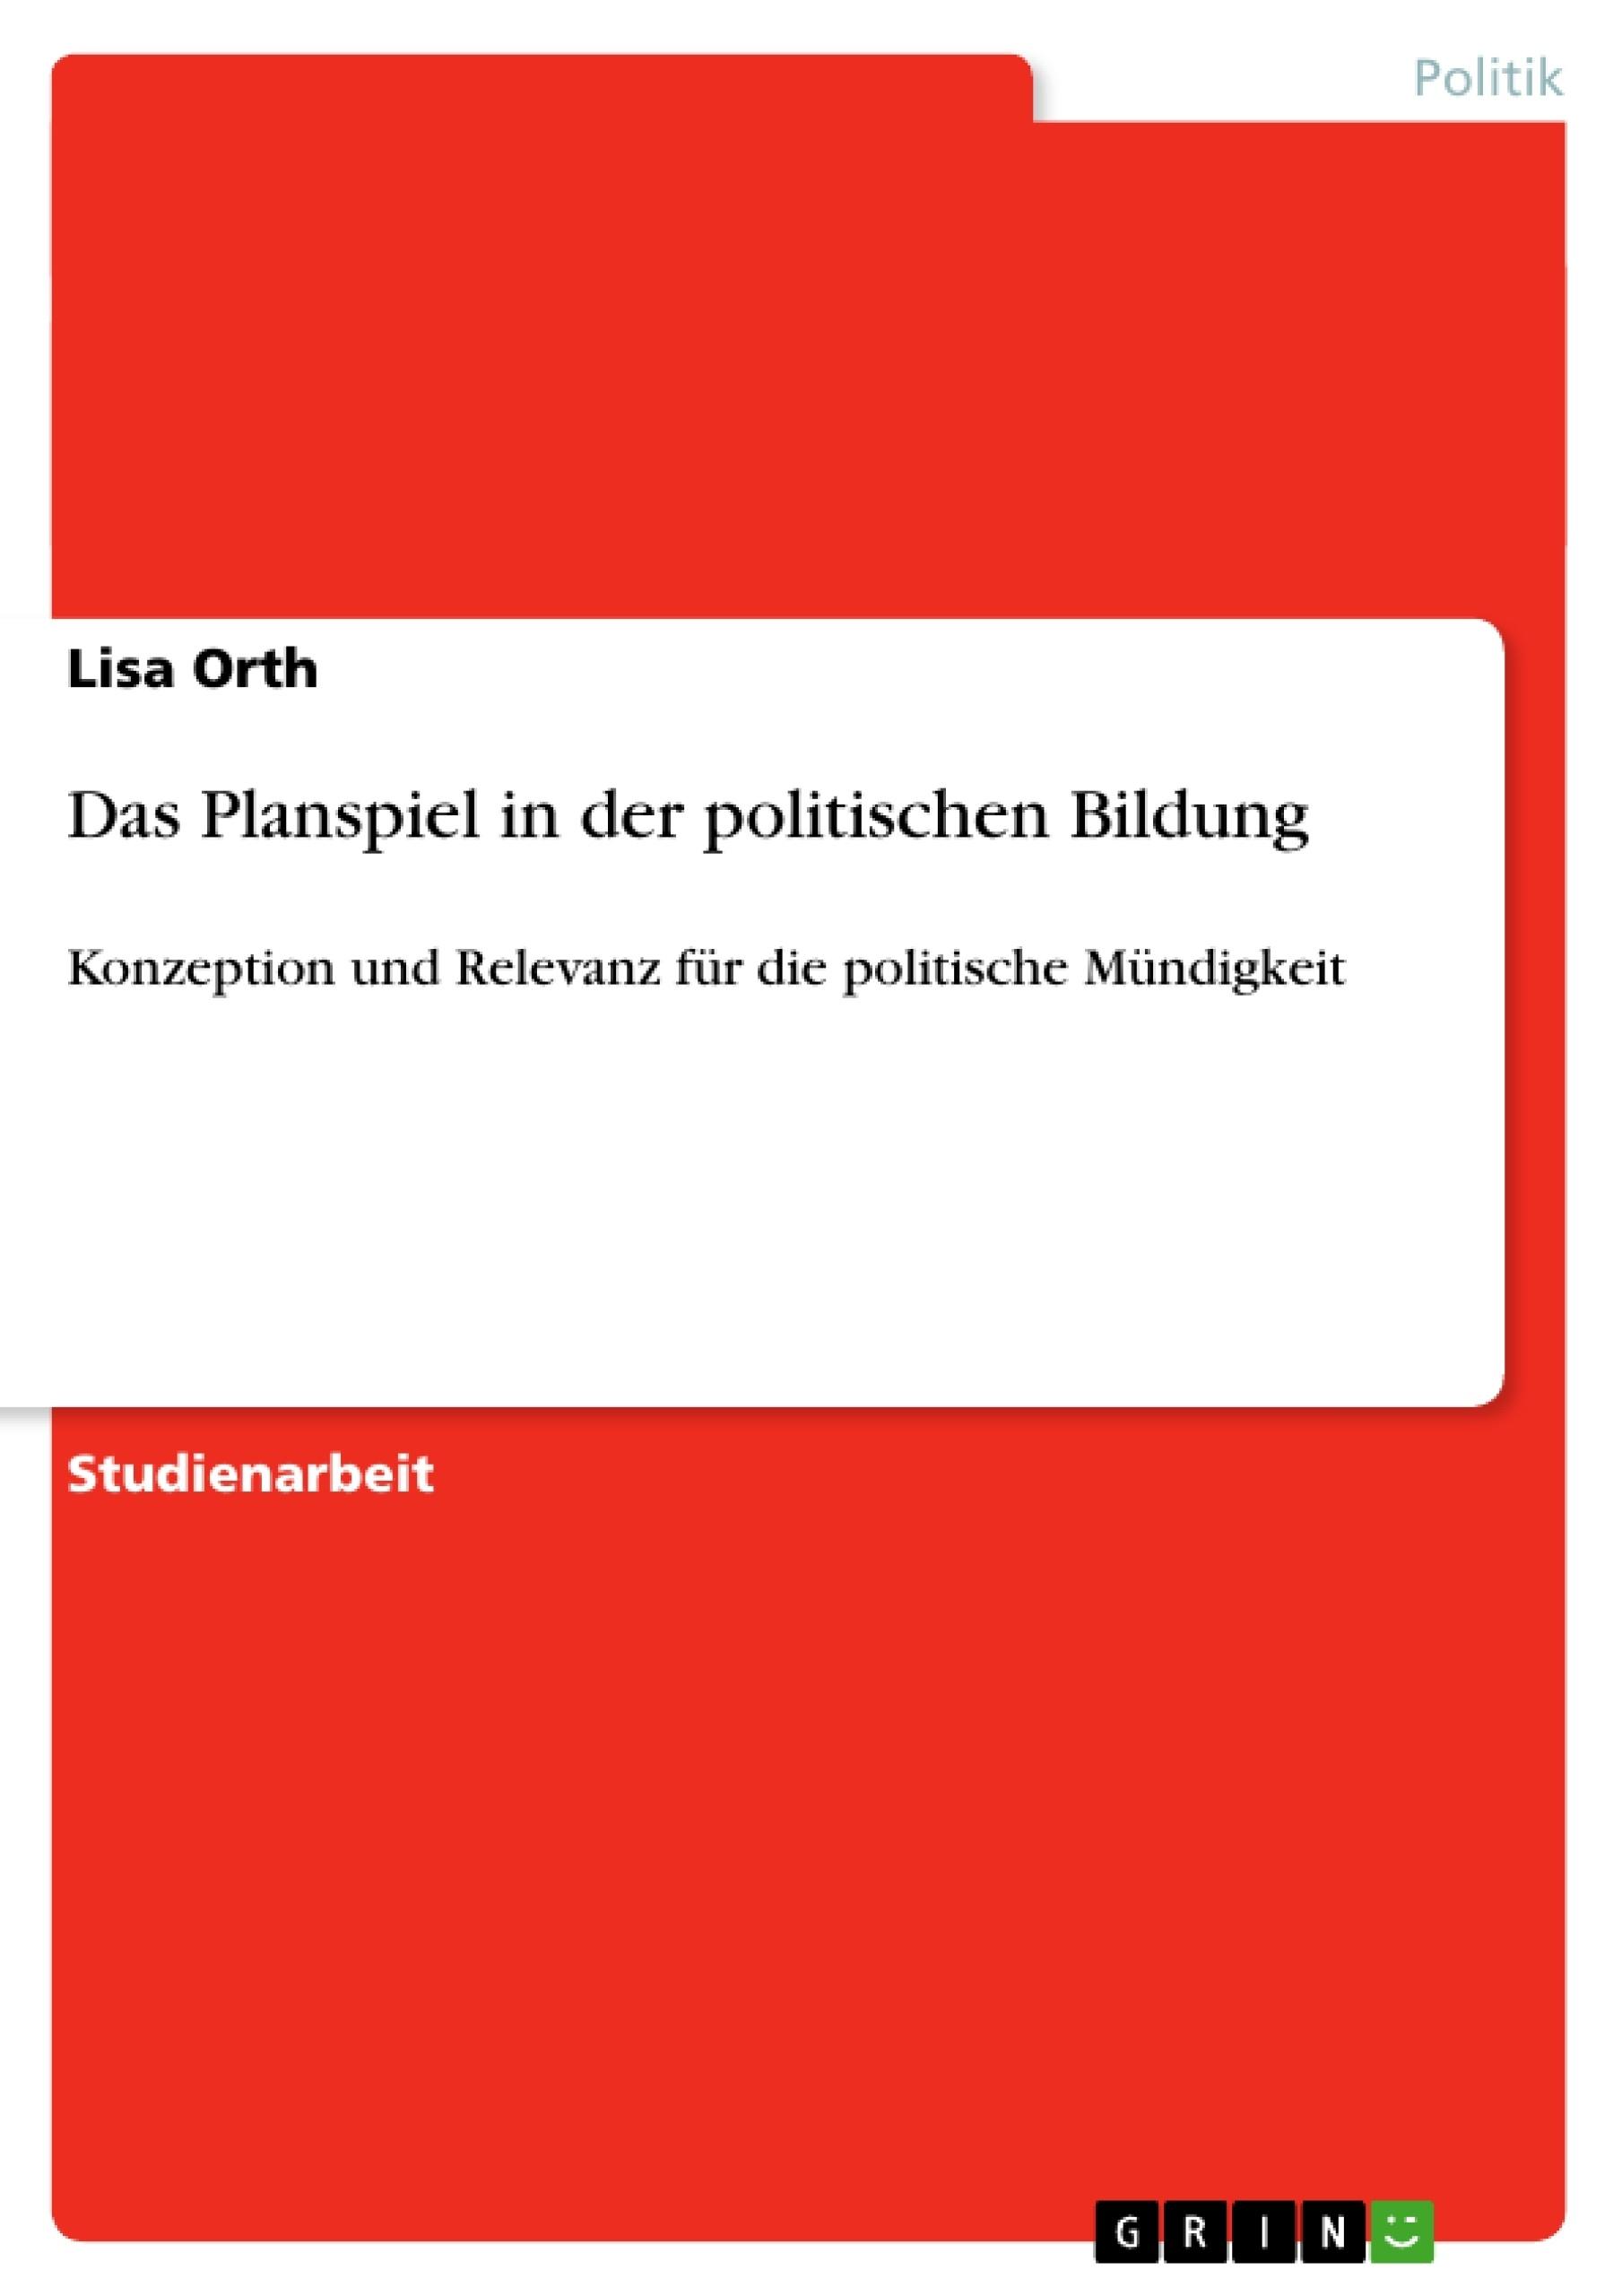 Titel: Das Planspiel in der politischen Bildung